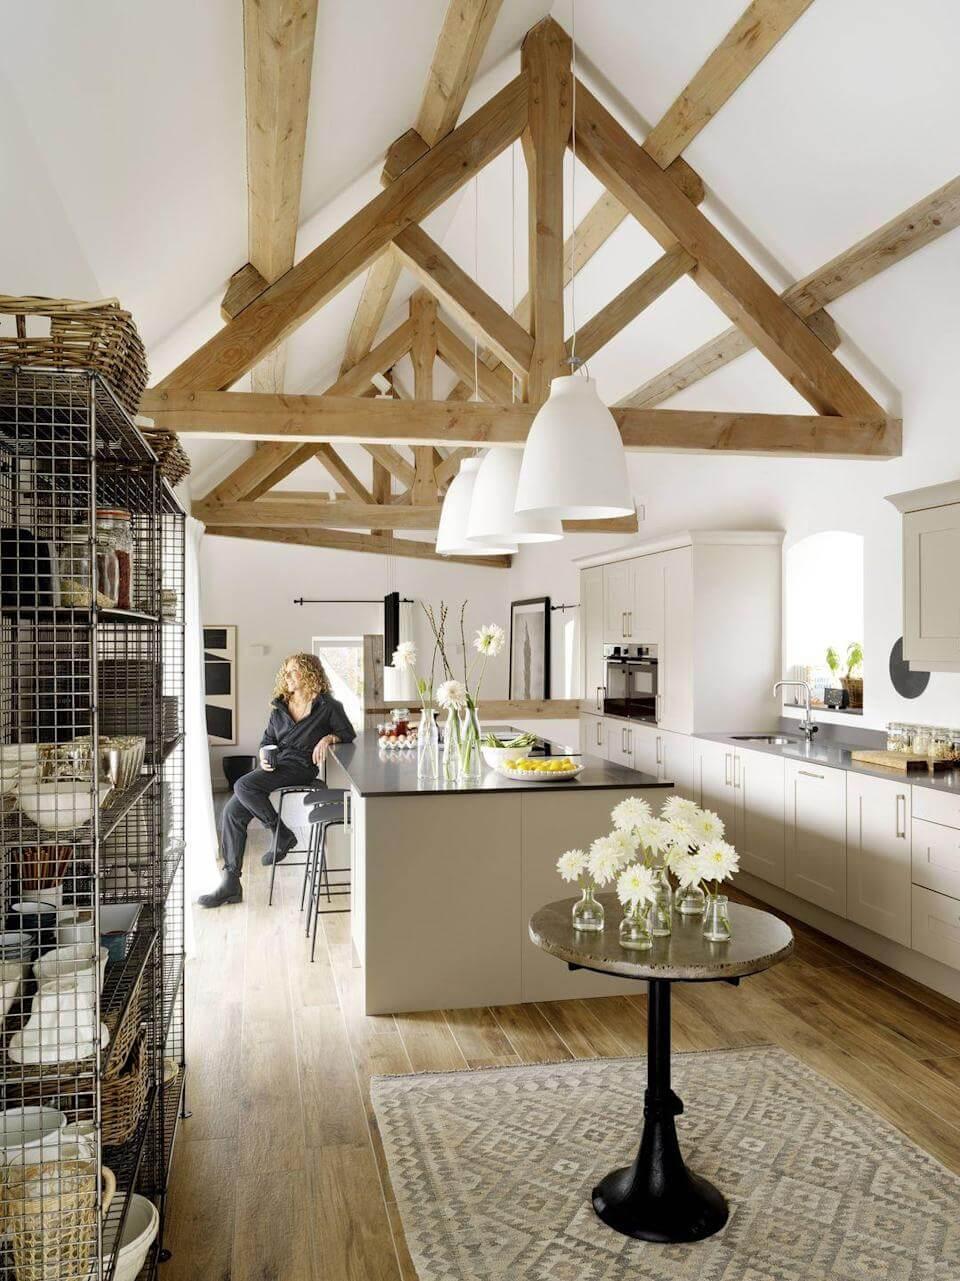 Modern Celebrity Homes - Kelly Hoppen The Barn